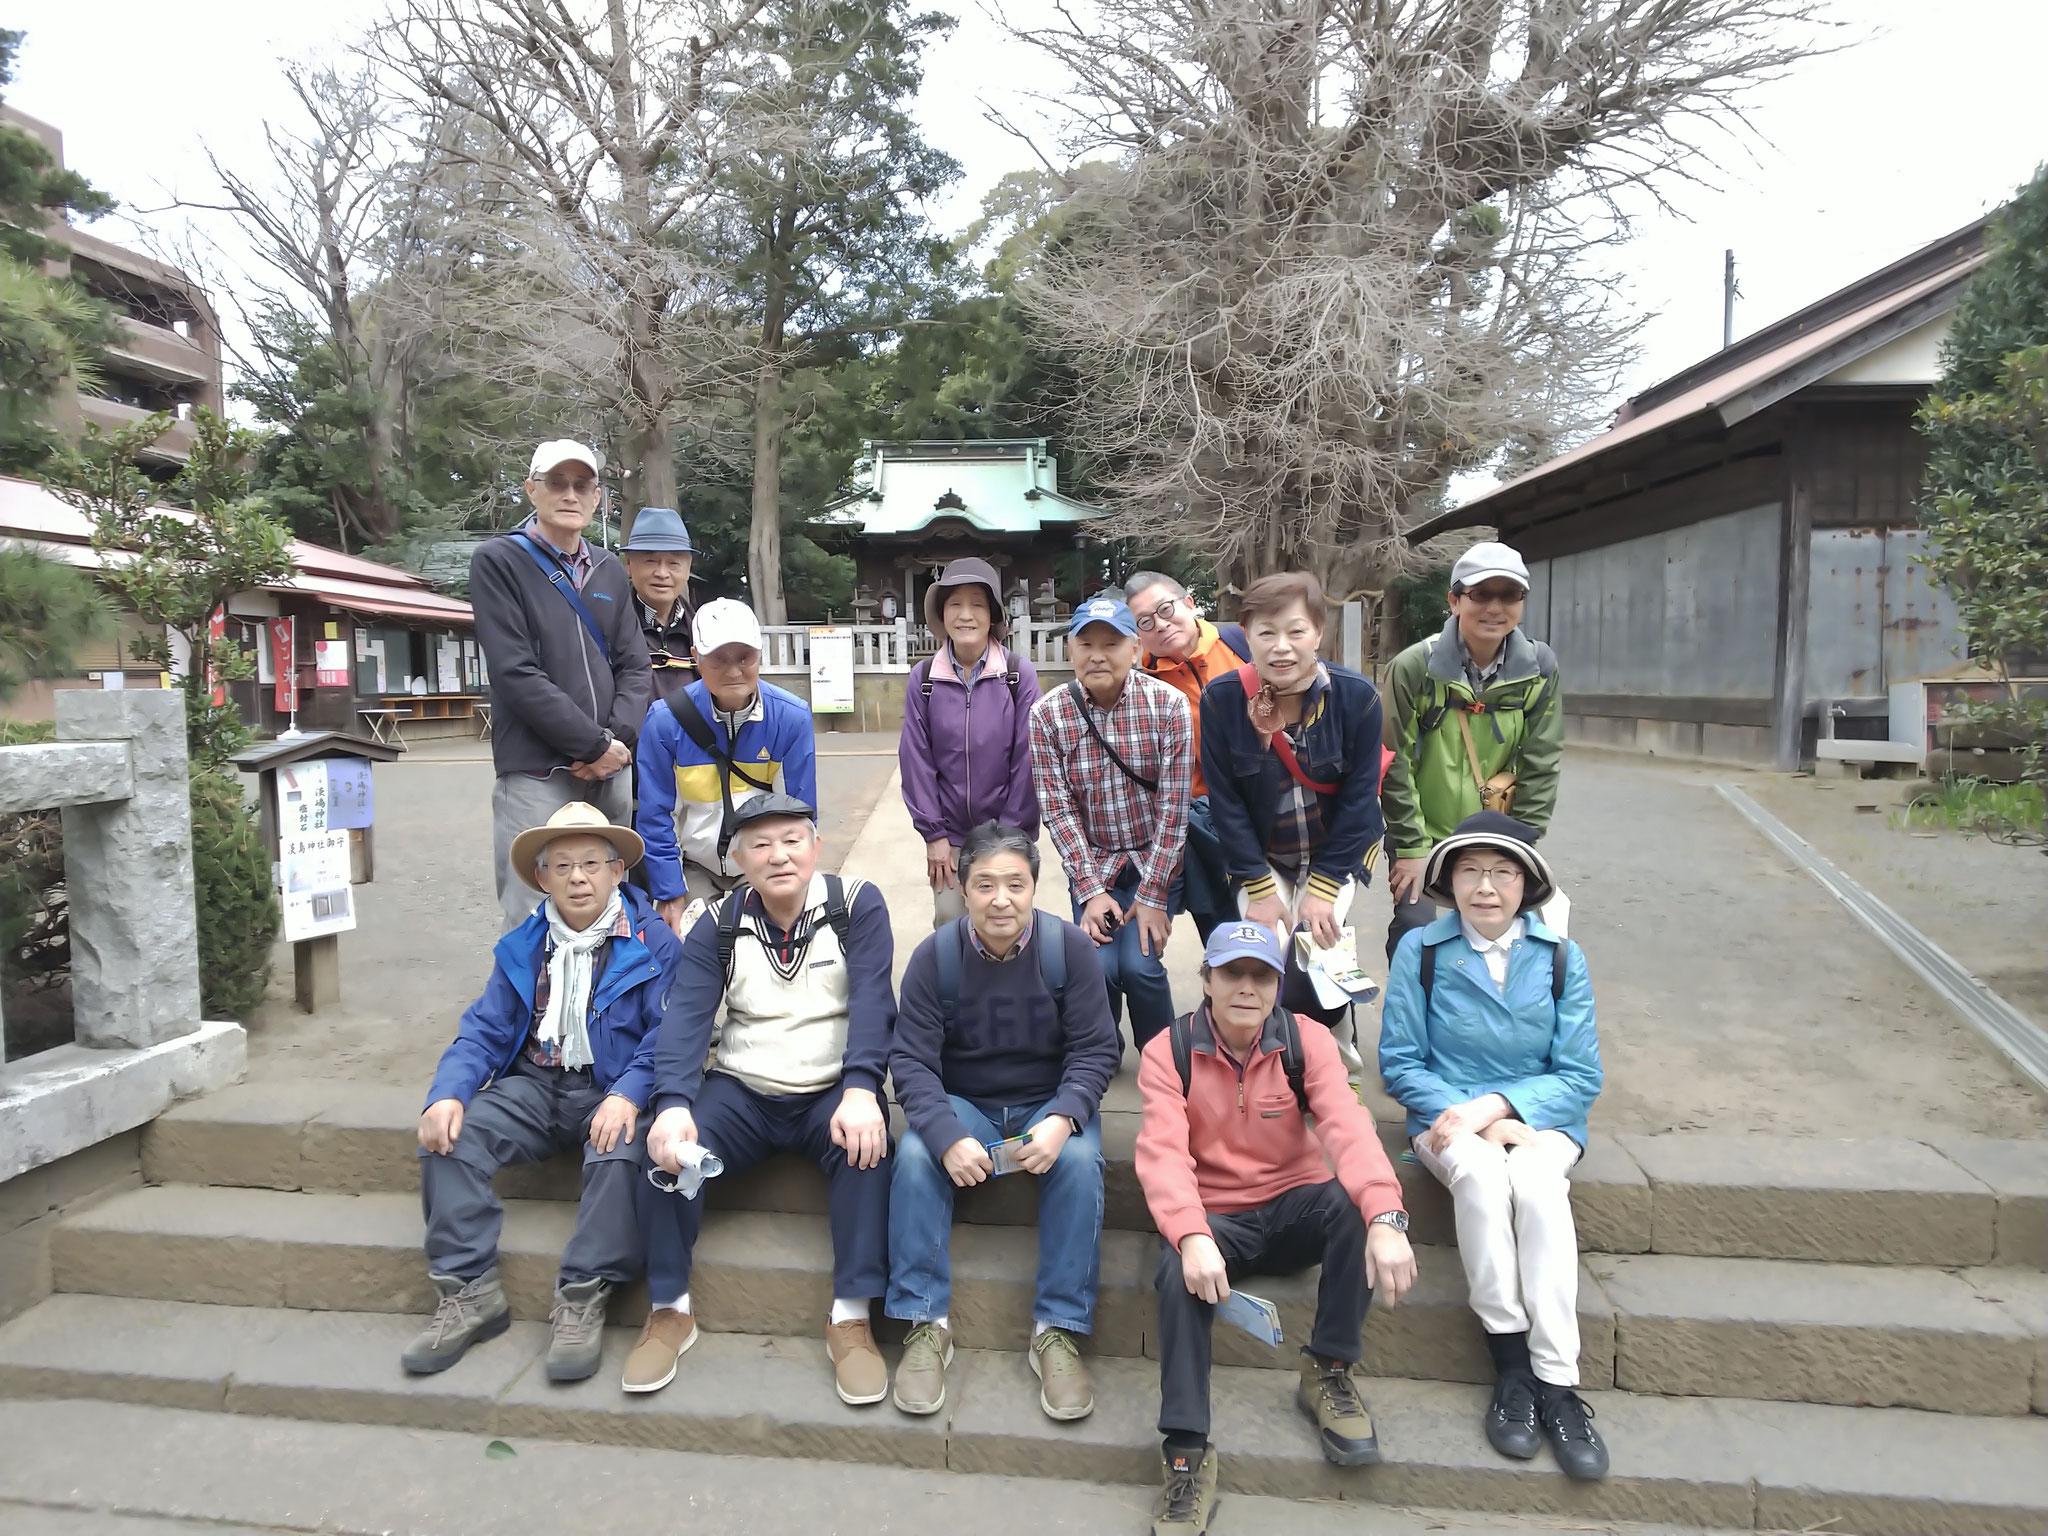 鶴嶺八幡宮の社殿前にて 右後ろに県天然記念物大イチョウ